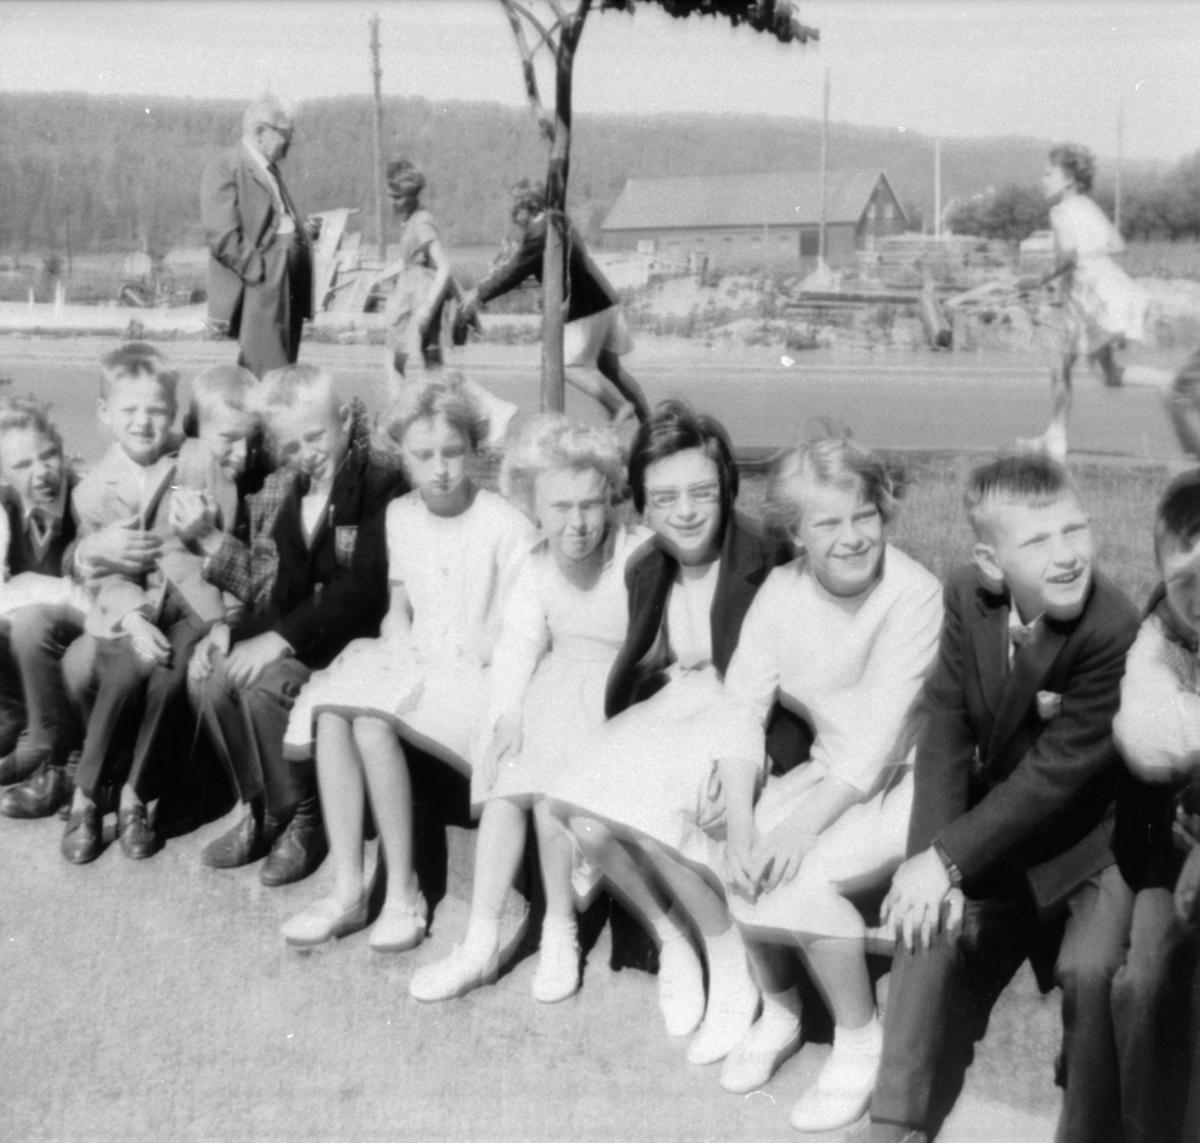 Examensklädda flickor och pojkar sittandes vid gatan. 3:e klass. Tillfällig skollokal på Hagåkersgatan.